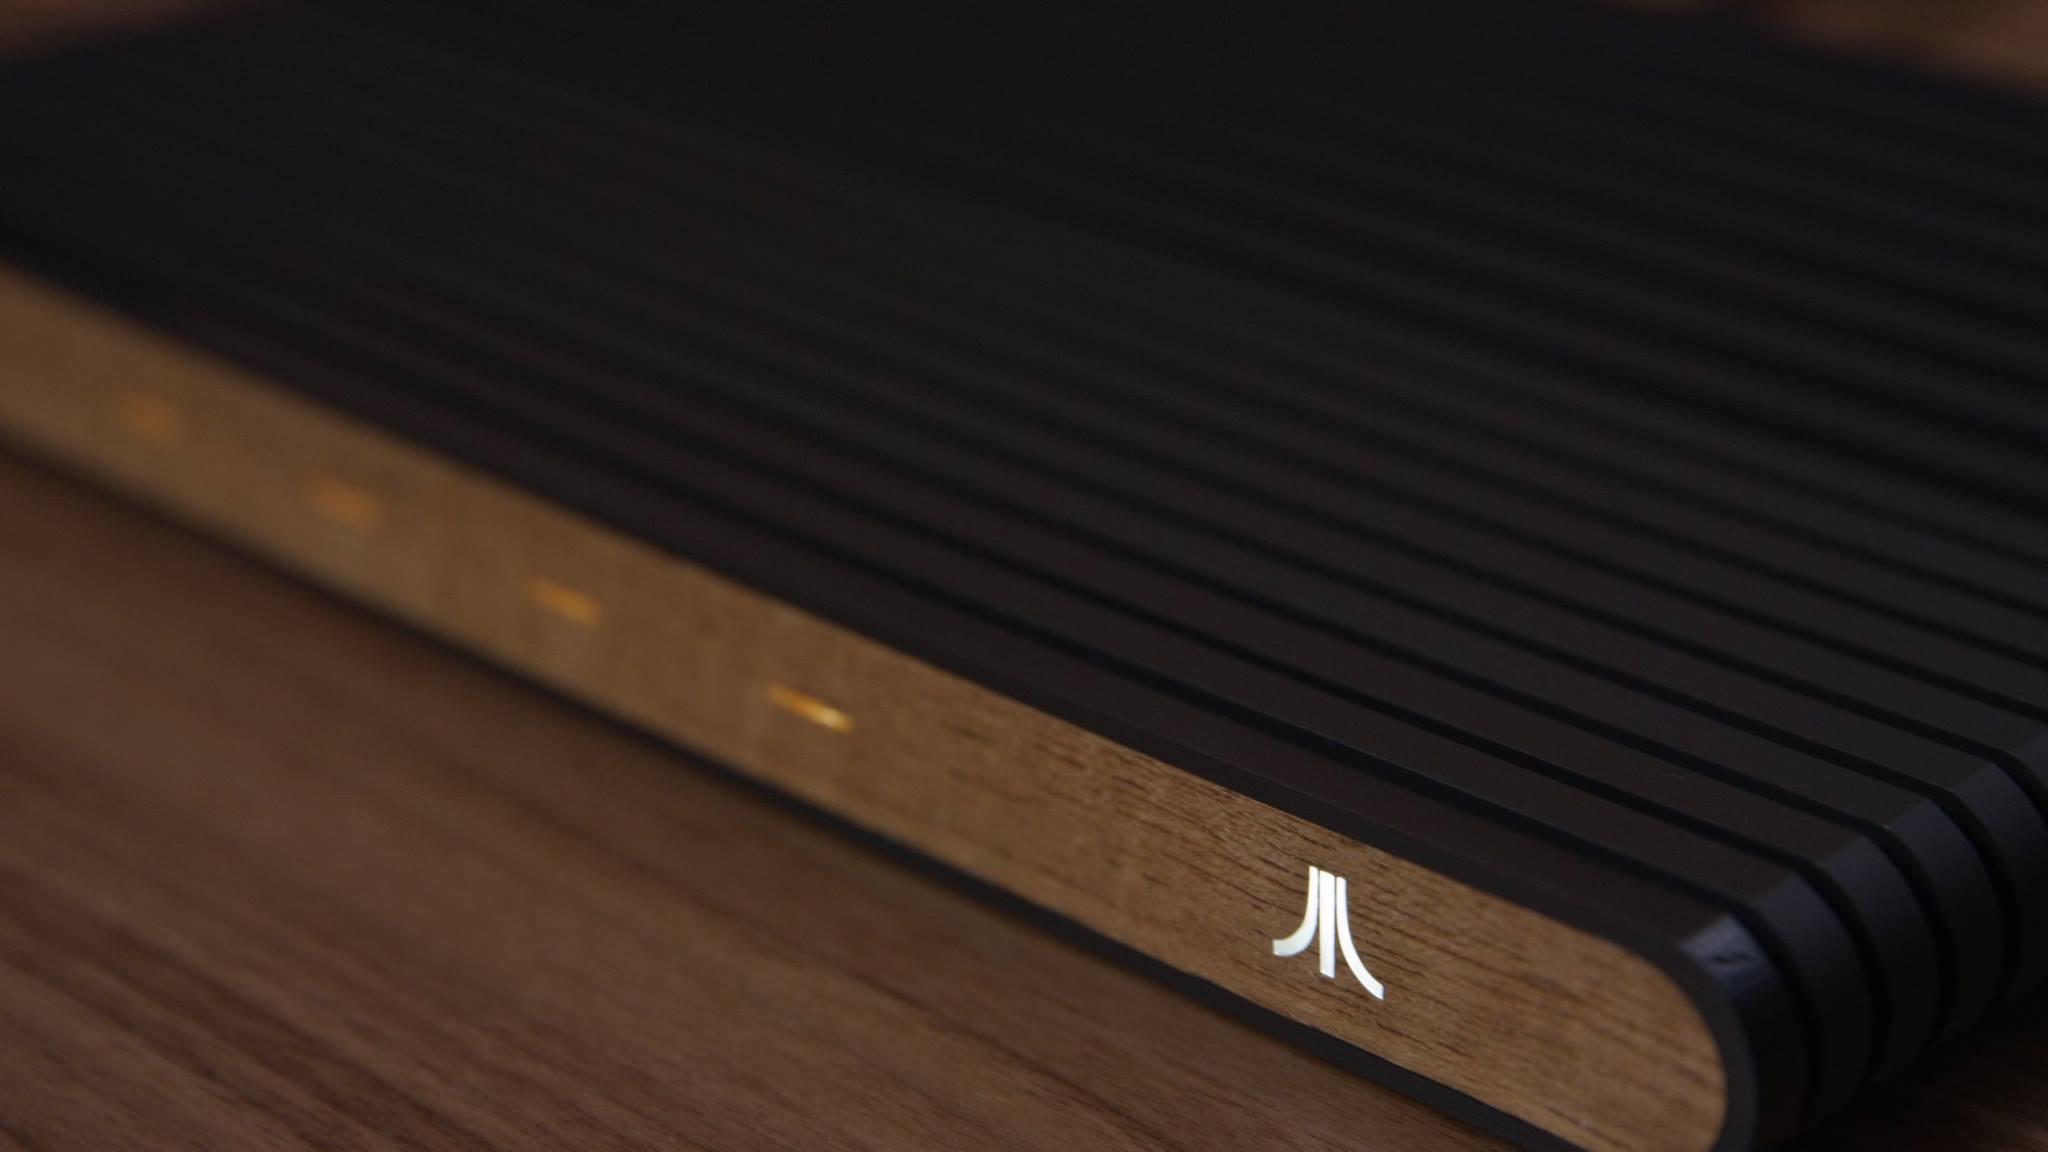 La console Atari VCS est disponible en précommande pour 199$ mais ne sera livrée que mi-2019 !